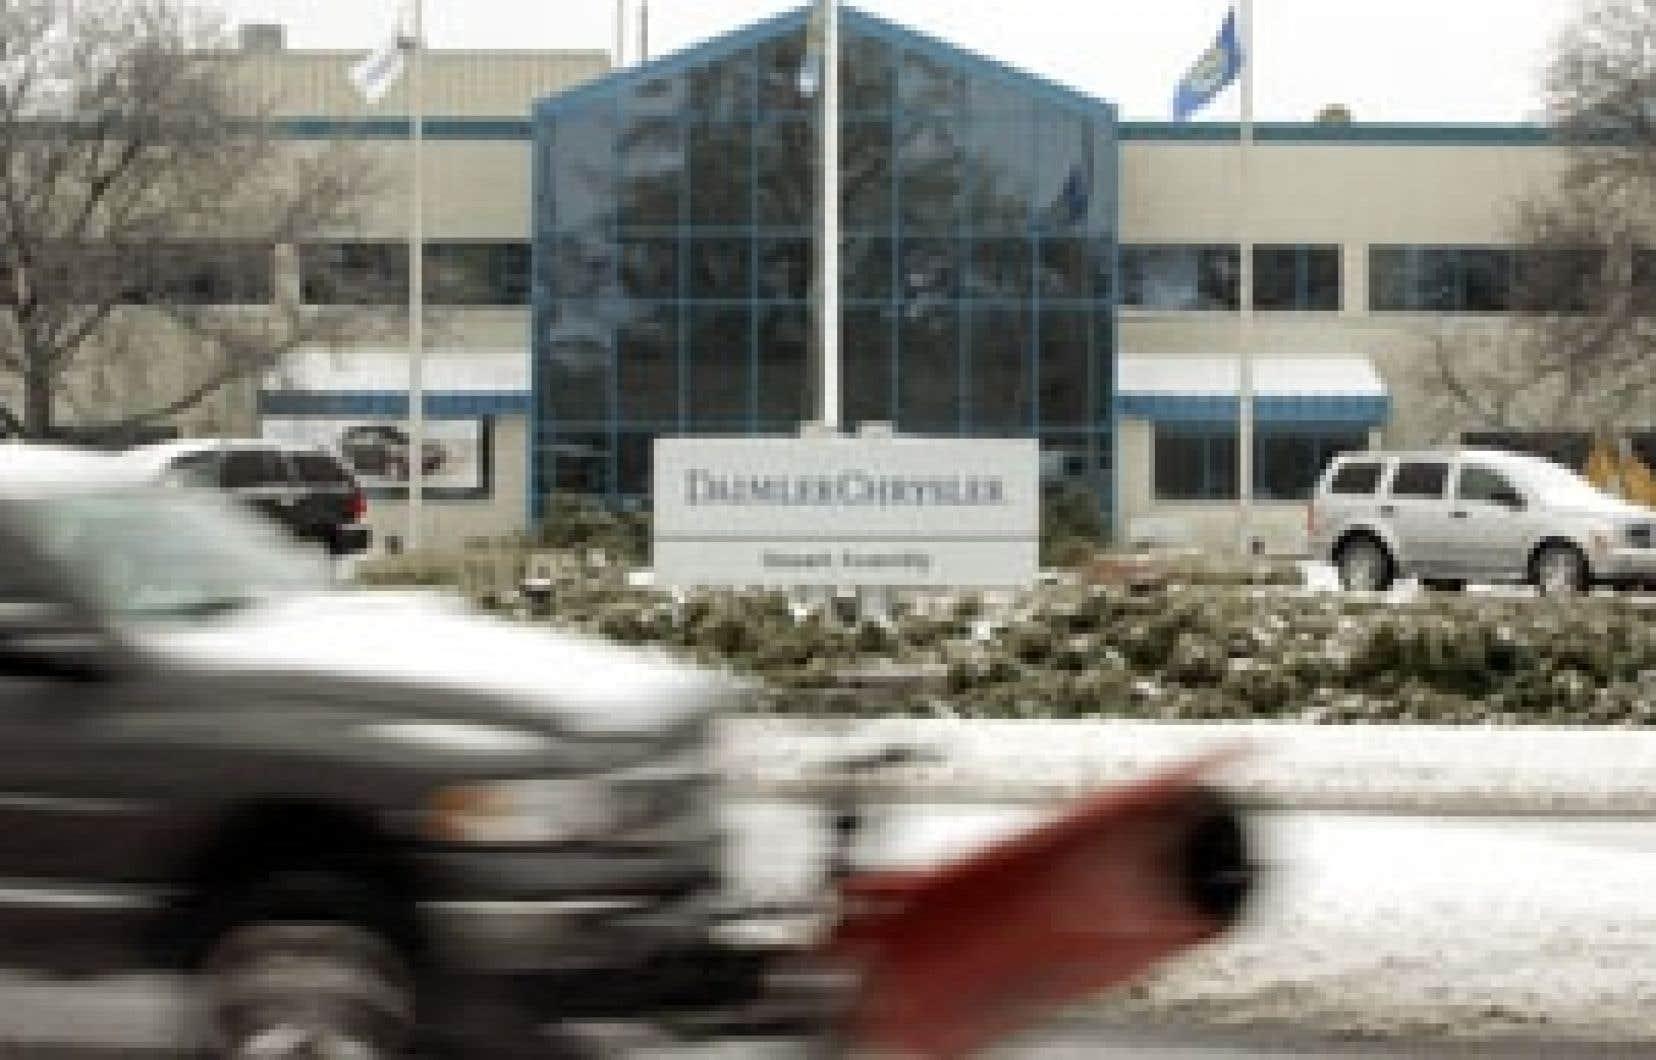 Chrysler a annoncé la semaine dernière qu'elle comptait retrancher 13 000 emplois, dont 11 000 postes de la chaîne de montage, et fermer une usine pour tenter d'arrimer sa production à une demande réduite.